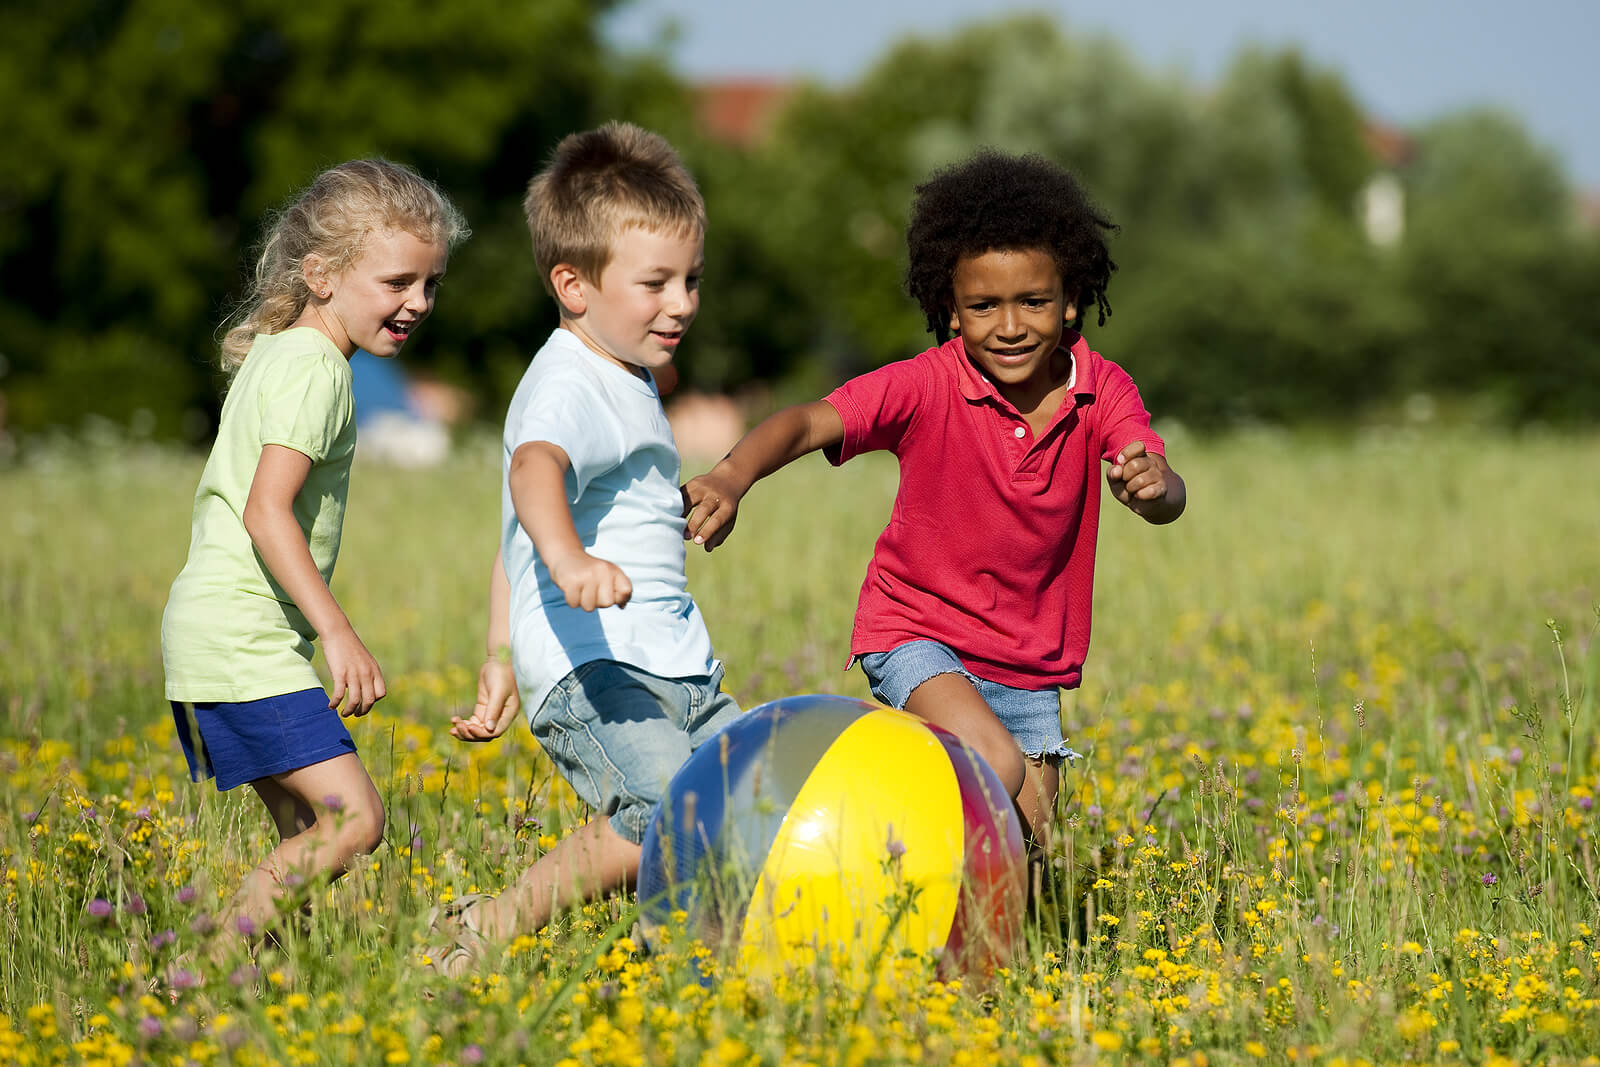 Niños jugando con la pelota, una de las actividades socioemocionales más productivas.